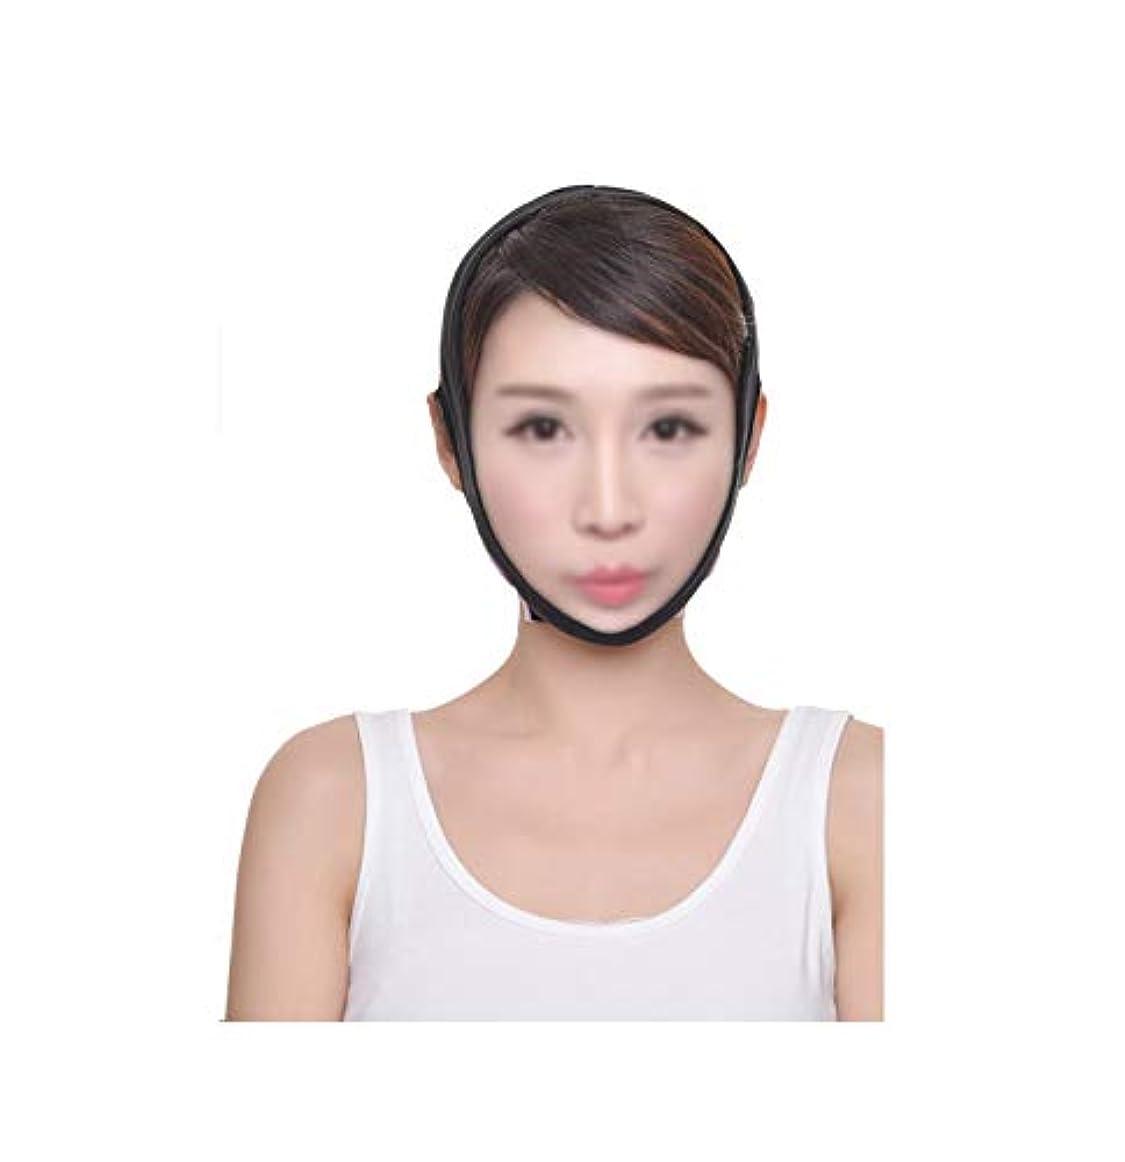 義務的皮老人XHLMRMJ 引き締めフェイスマスク、フェイスリフティングアーティファクト脂肪吸引術脂肪吸引術後整形二重あご美容マスク黒フード (Size : M)